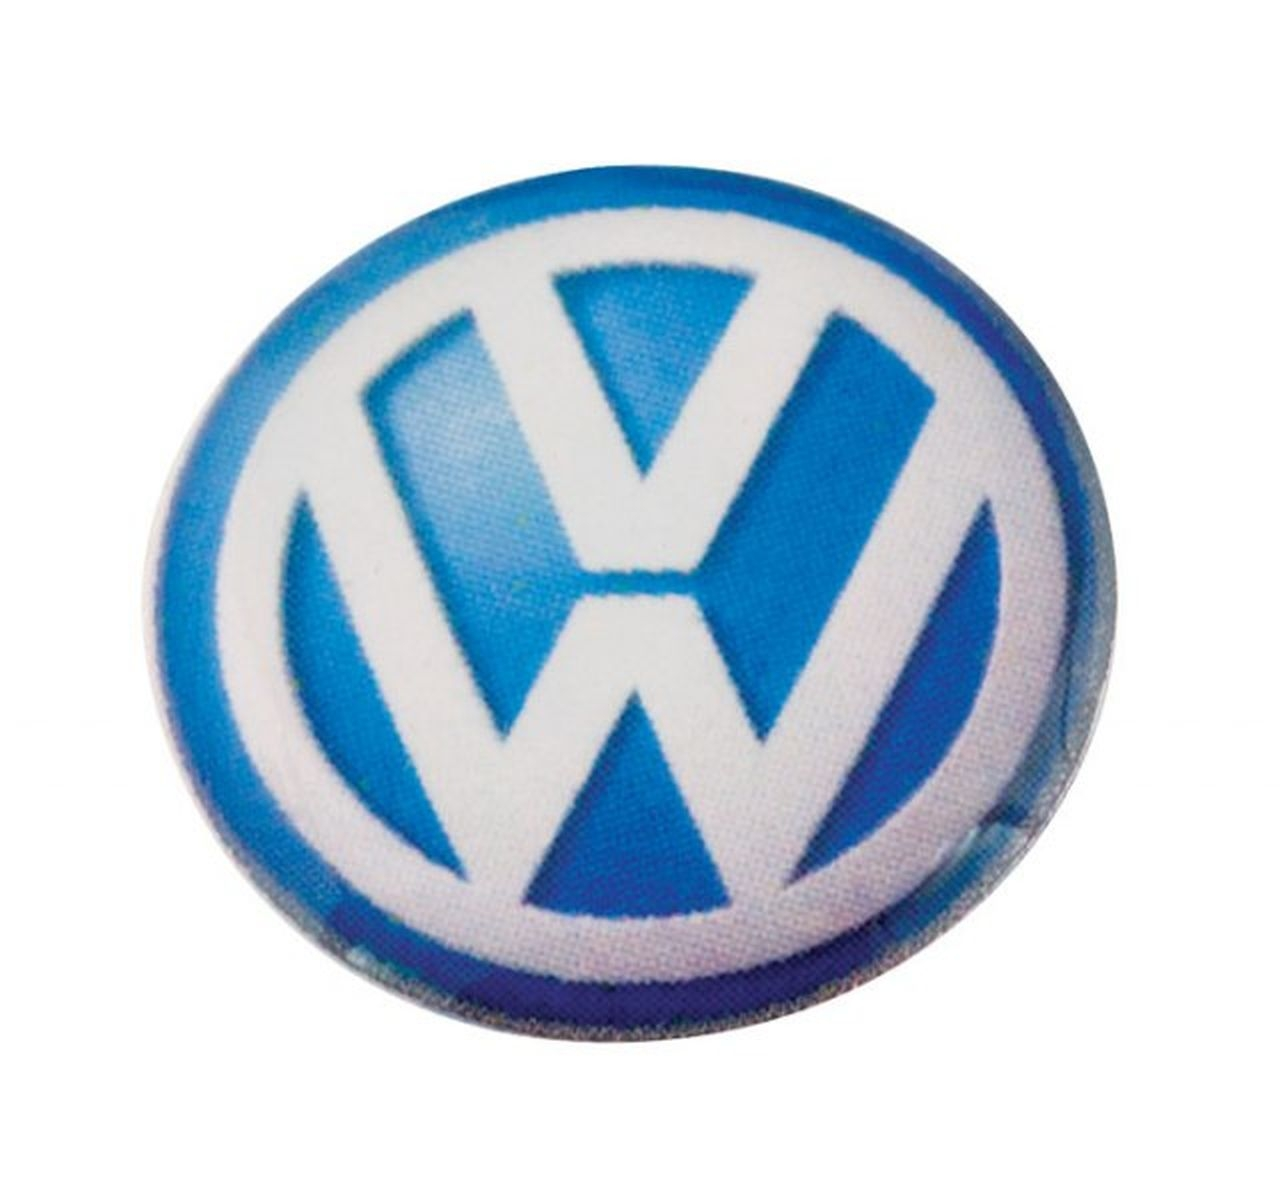 Volkswagen etichetta d=14mm cm.1,4x1,4x0,2h